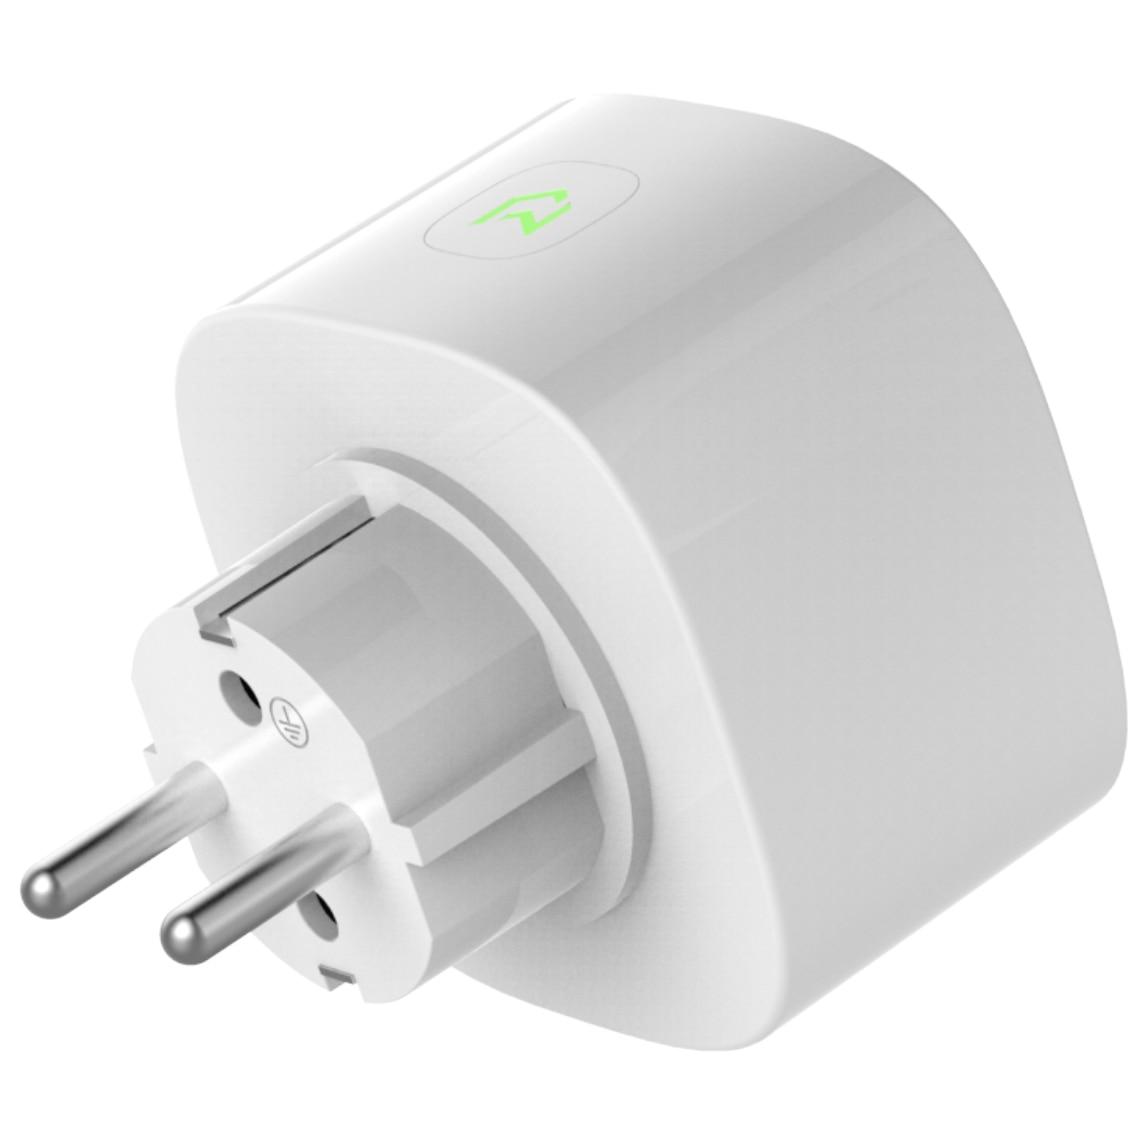 Fotografie Priza inteligenta Meross MSS310, Wireless, cu monitorizare consum, 16 A, compatibil iOS/Android